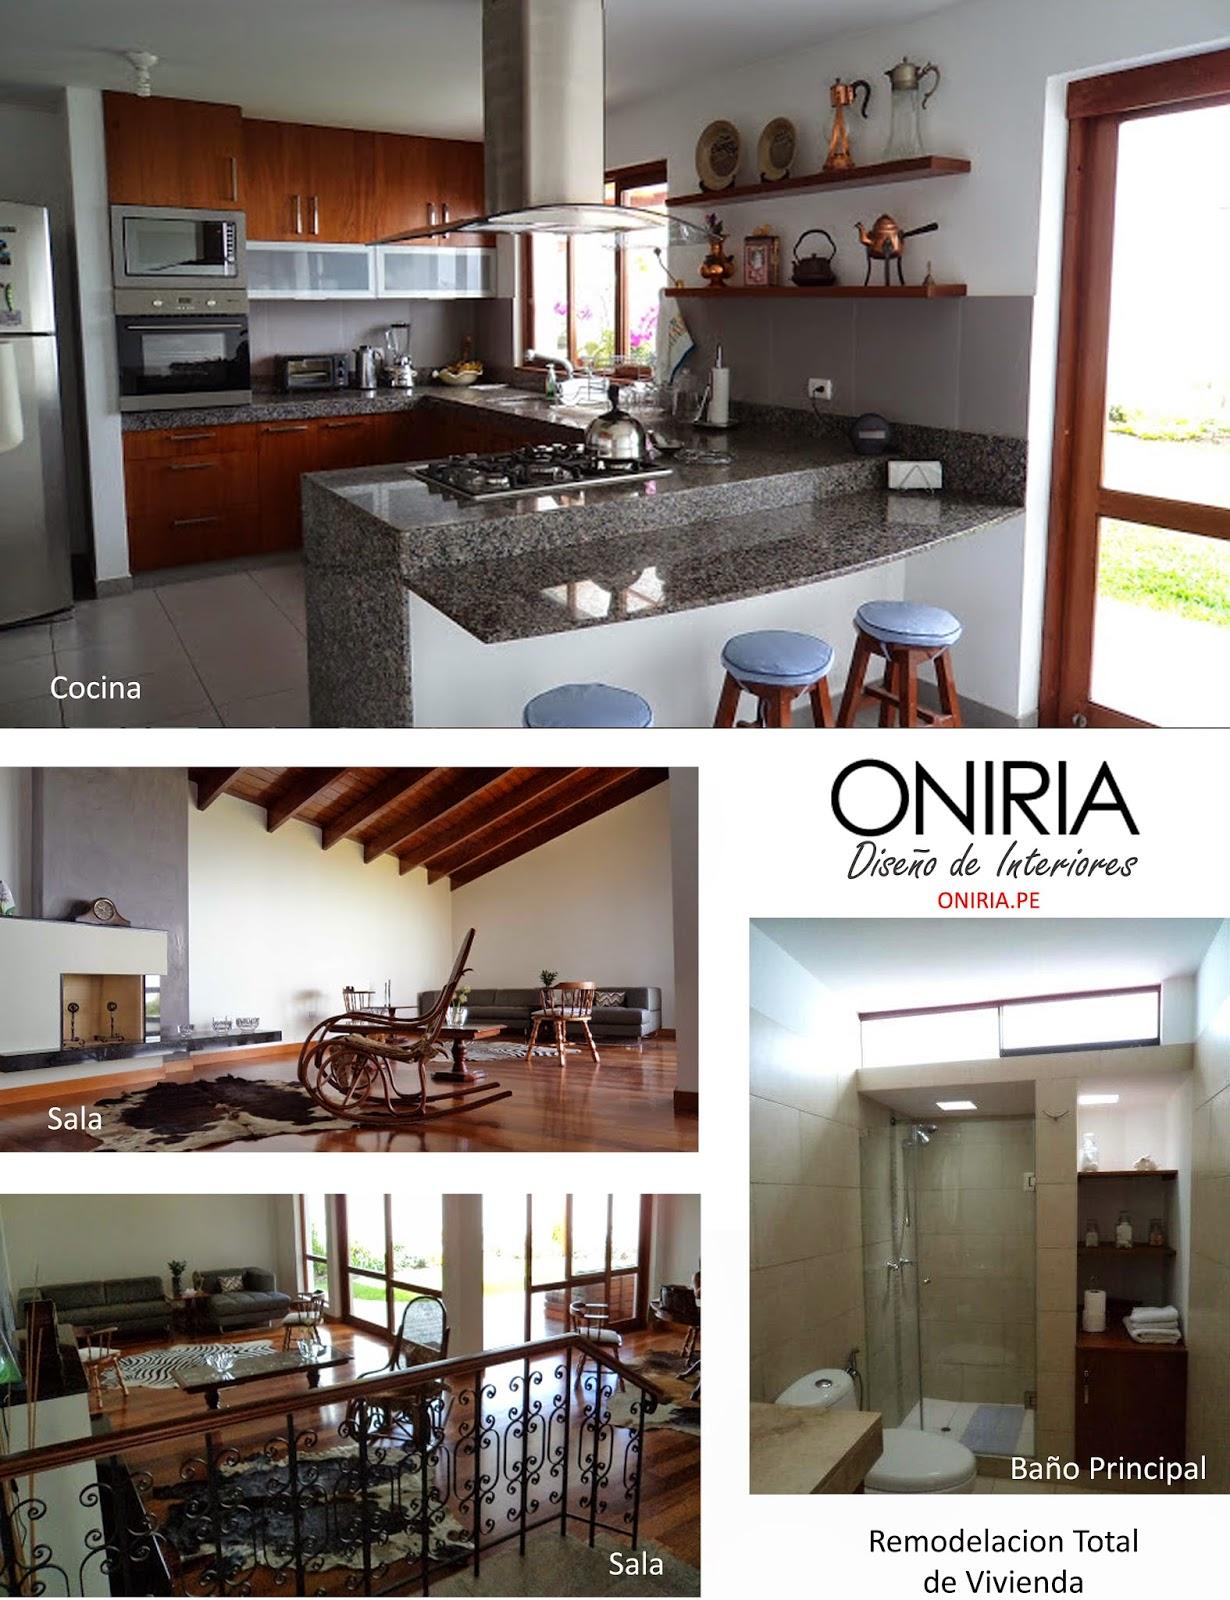 Oniria remodelacion de interiores de vivienda for Interiores de viviendas